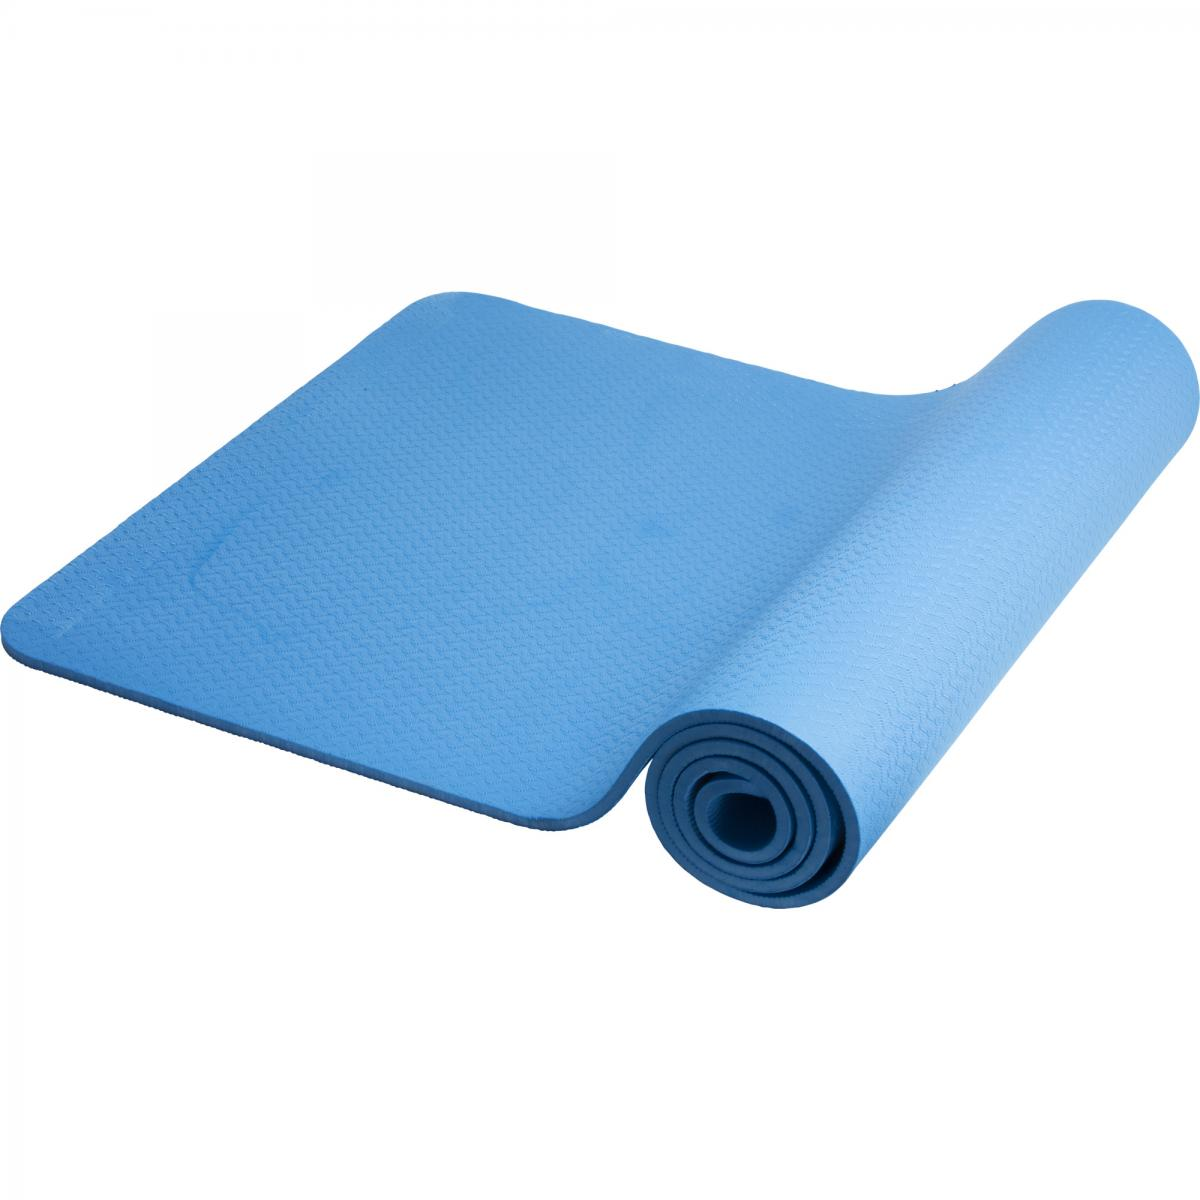 Yogamatte Dünn Türkis 4 mm